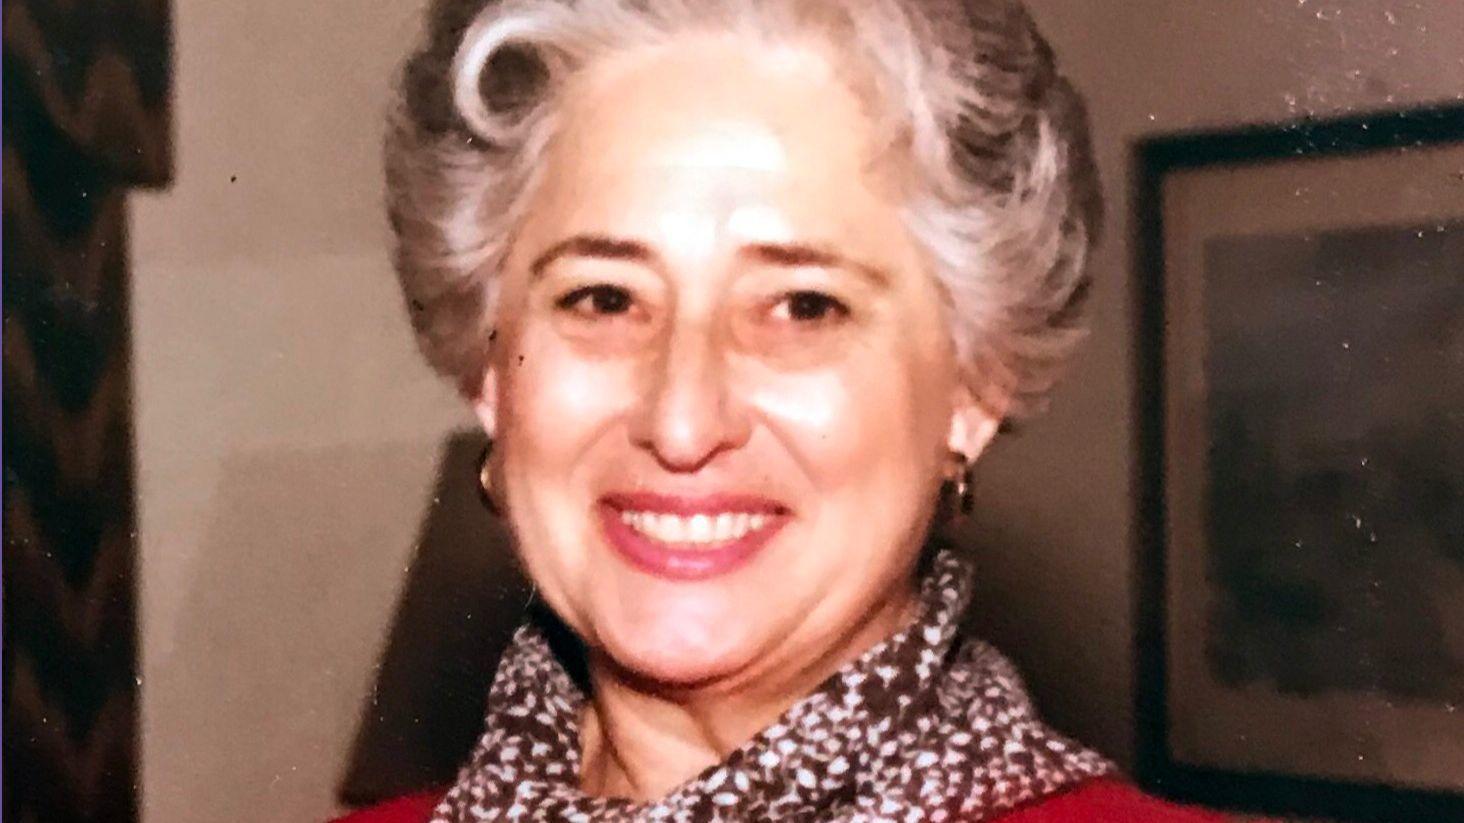 Sarah Shane, Baltimore Jewish organizer who led national volunteer groups, dies at 98